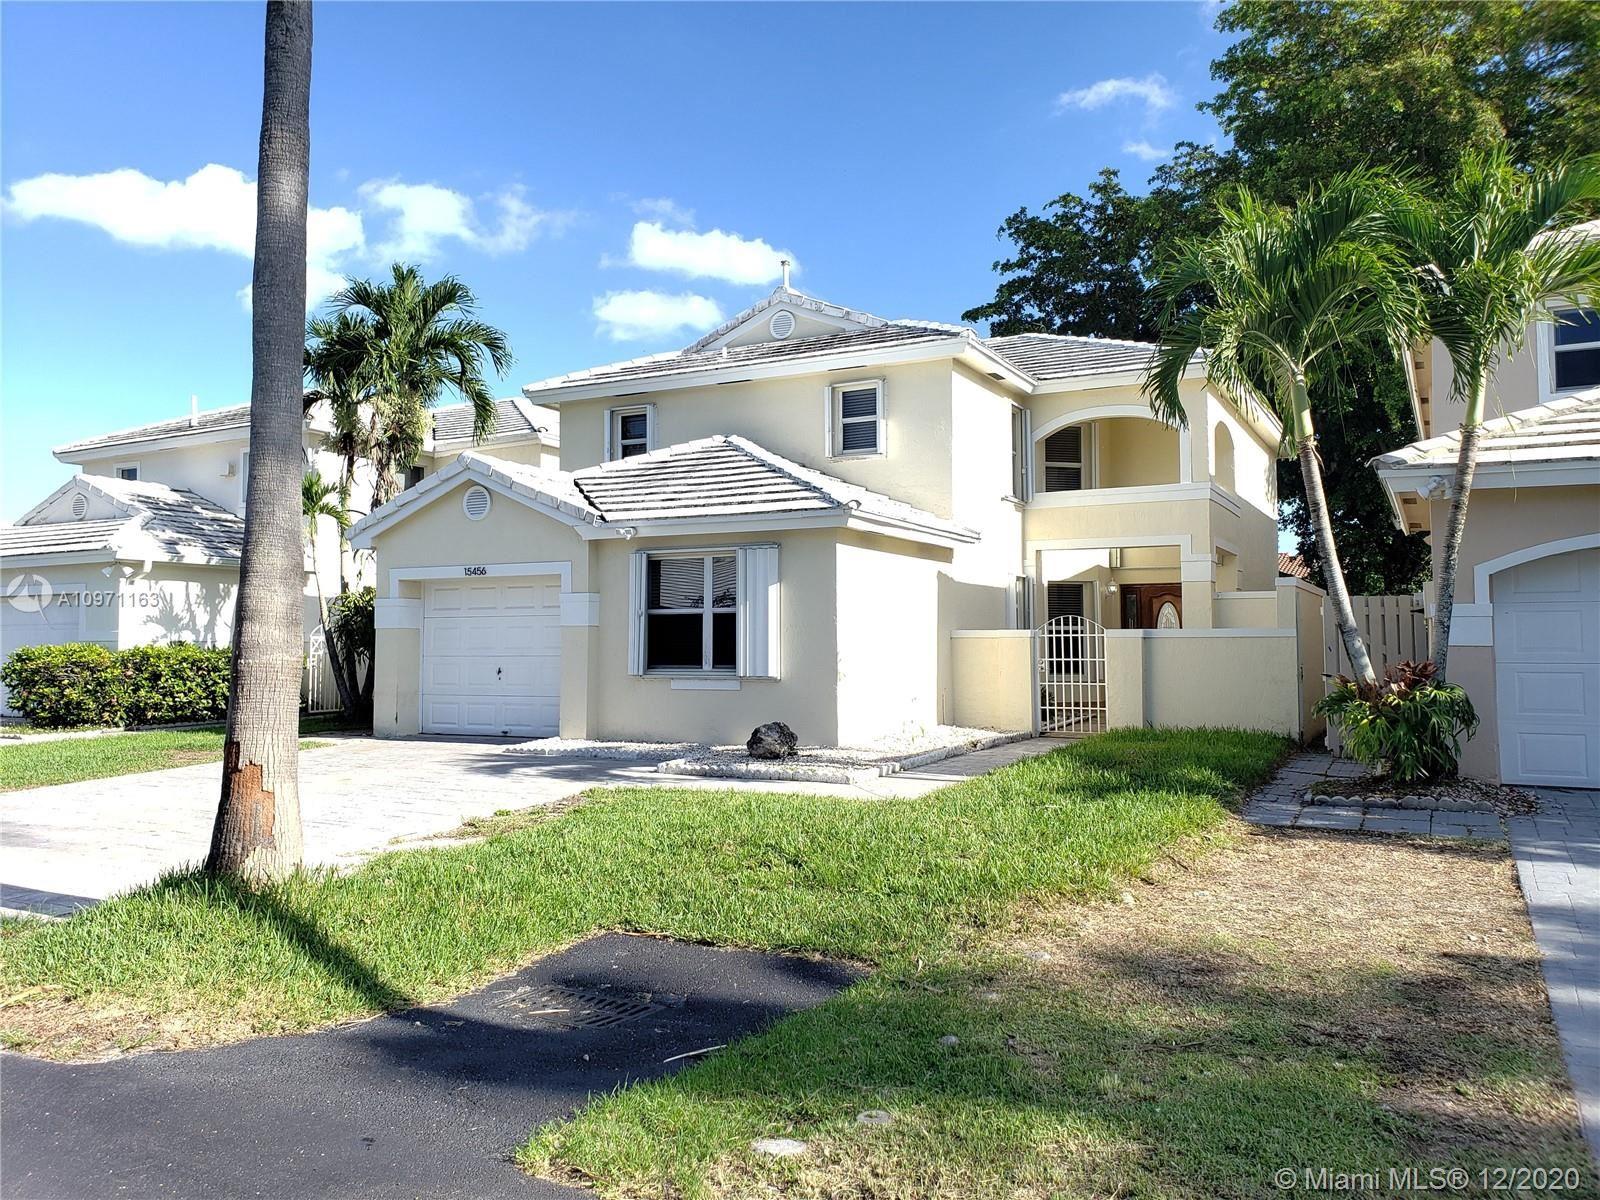 15456 SW 48th St, Miami, FL 33185 - #: A10971163